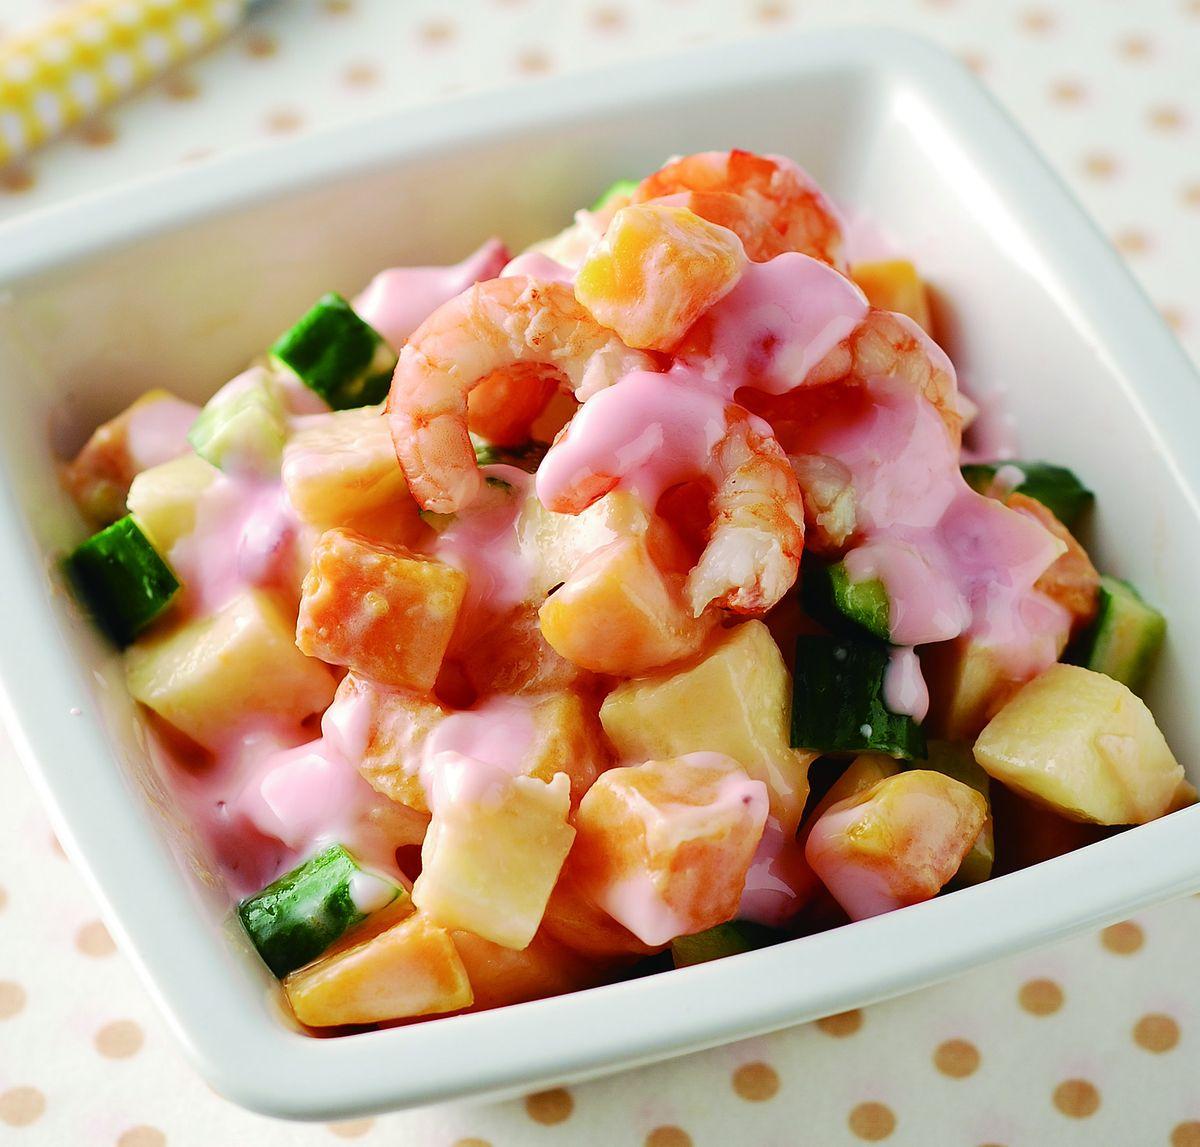 食譜:蘋果鮮蝦地瓜沙拉